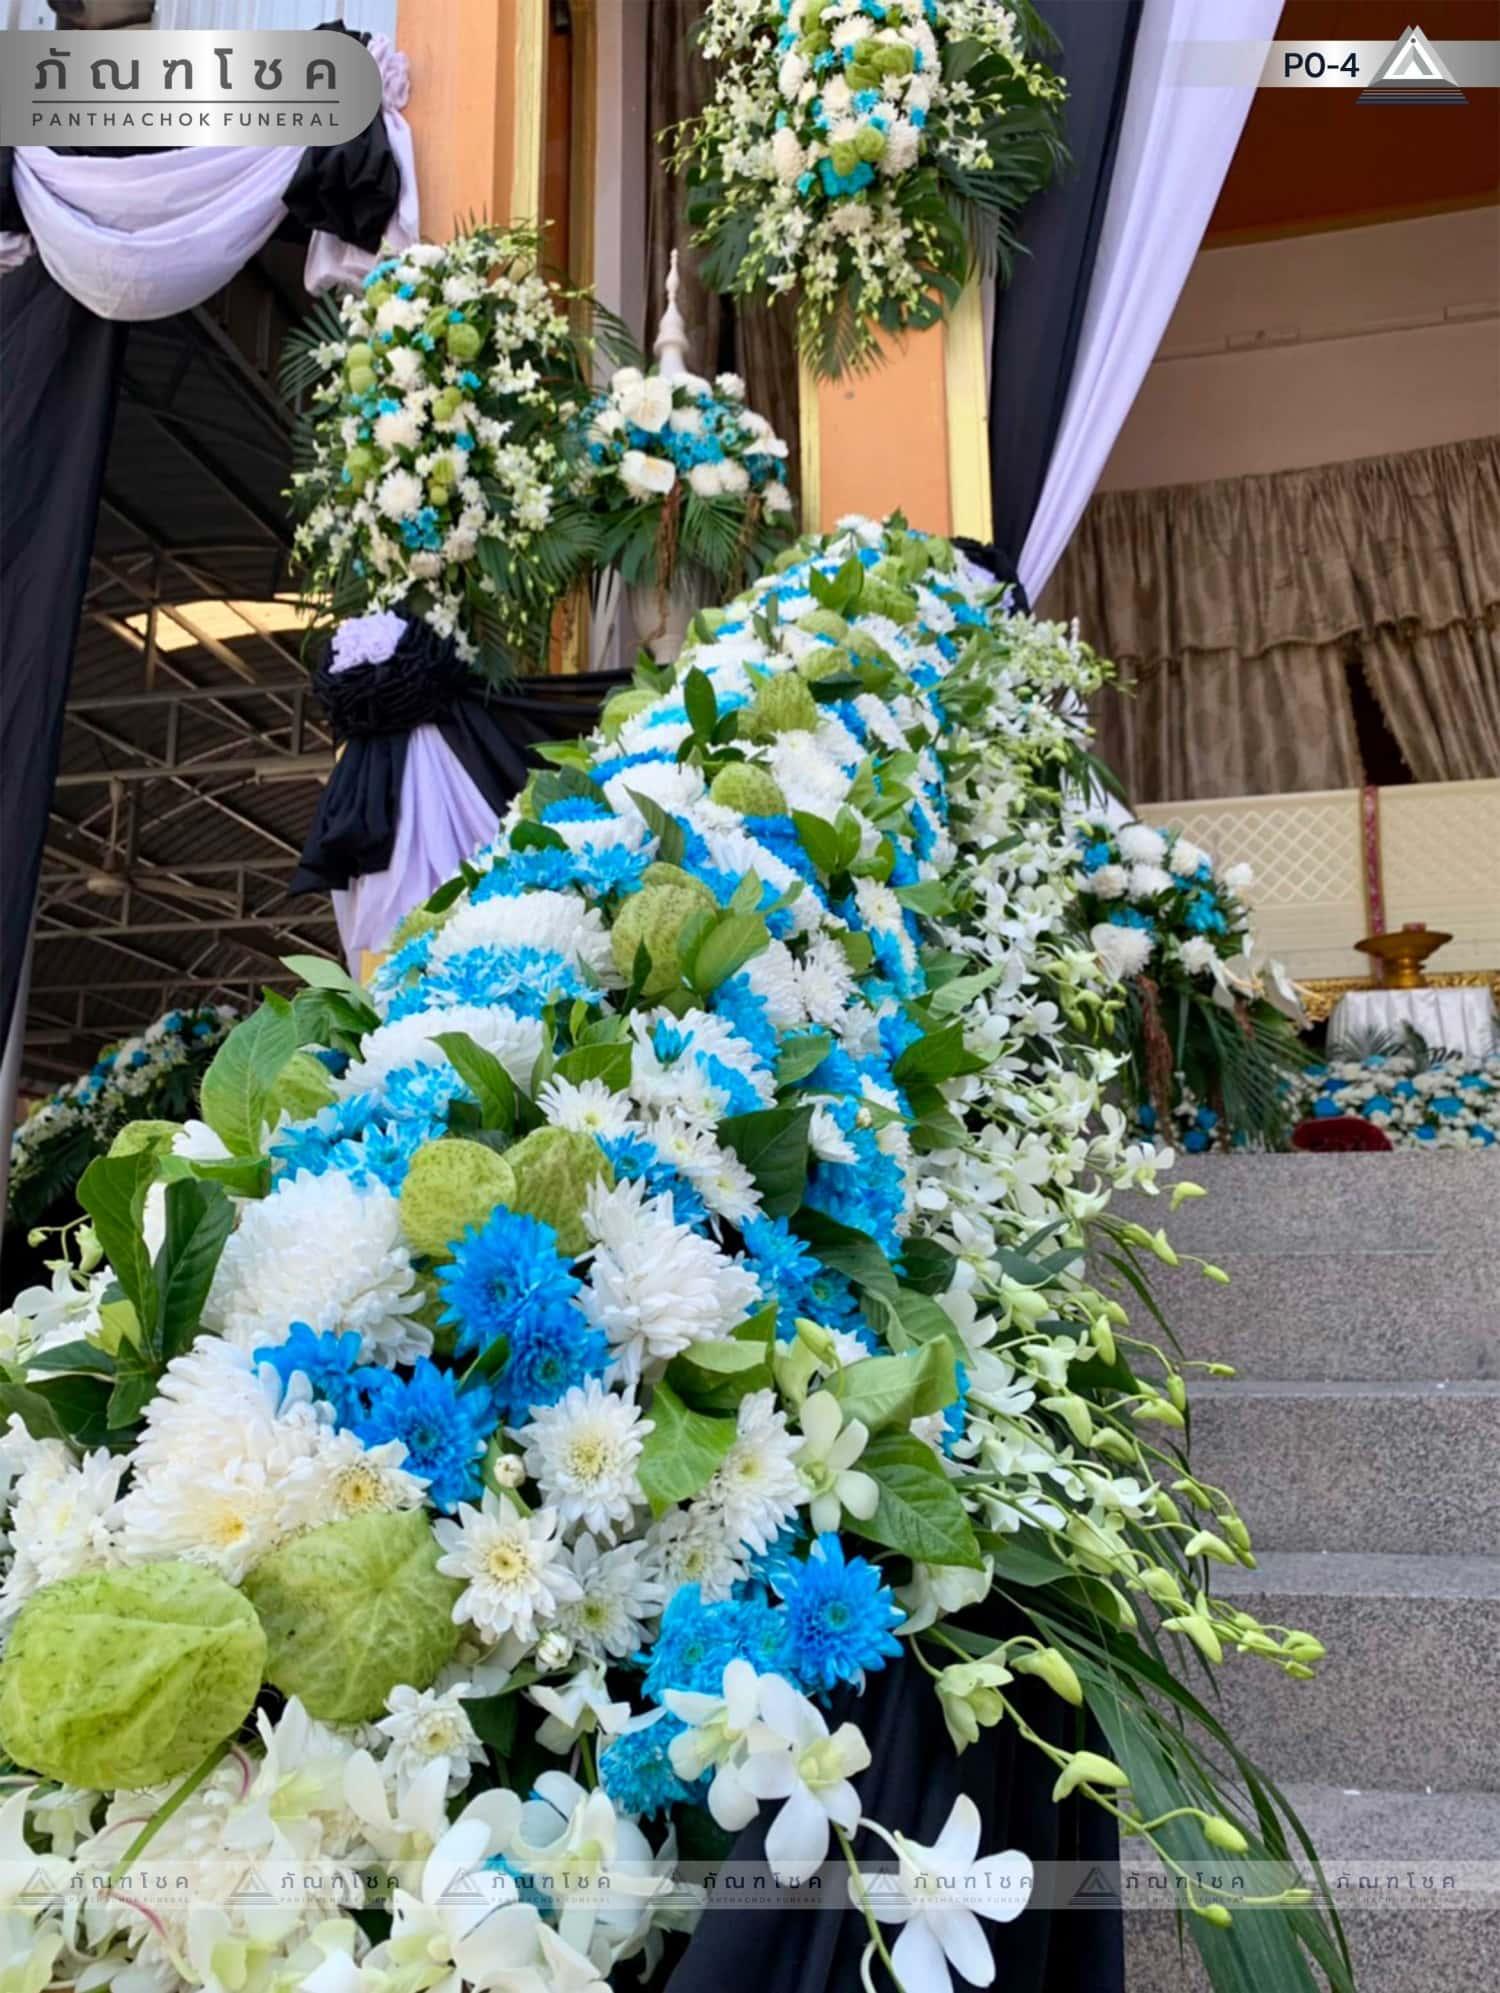 ดอกไม้ประดับเมรุ ชุด P0-4 30